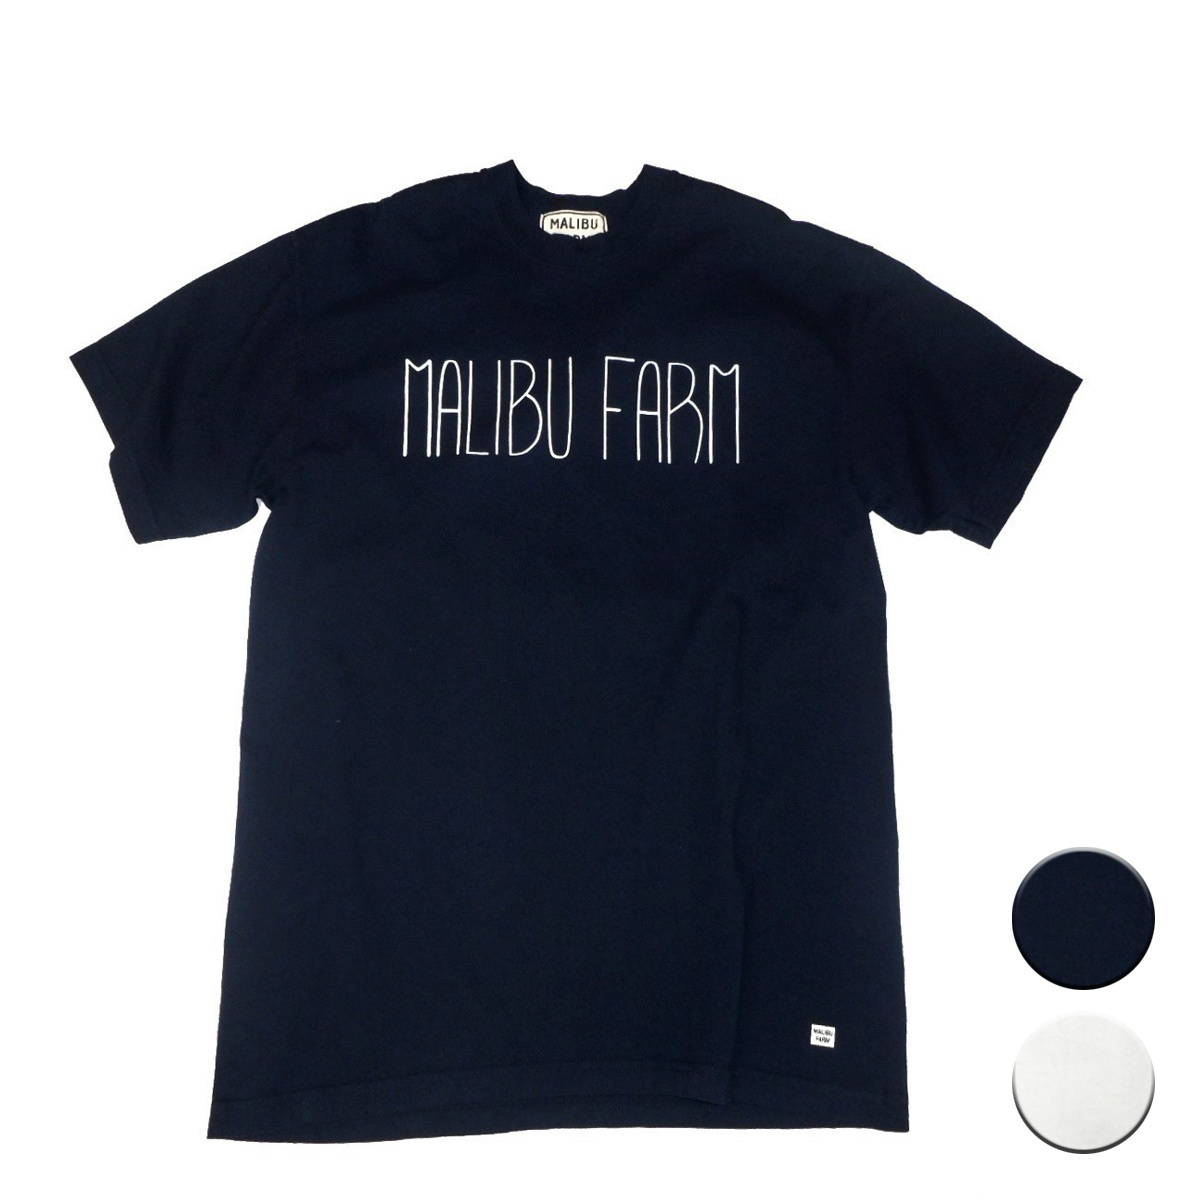 画像1: 【50%OFF】MALIBU FARM マリブファーム ロゴプリントT 全2色 メンズ/レディース (1)